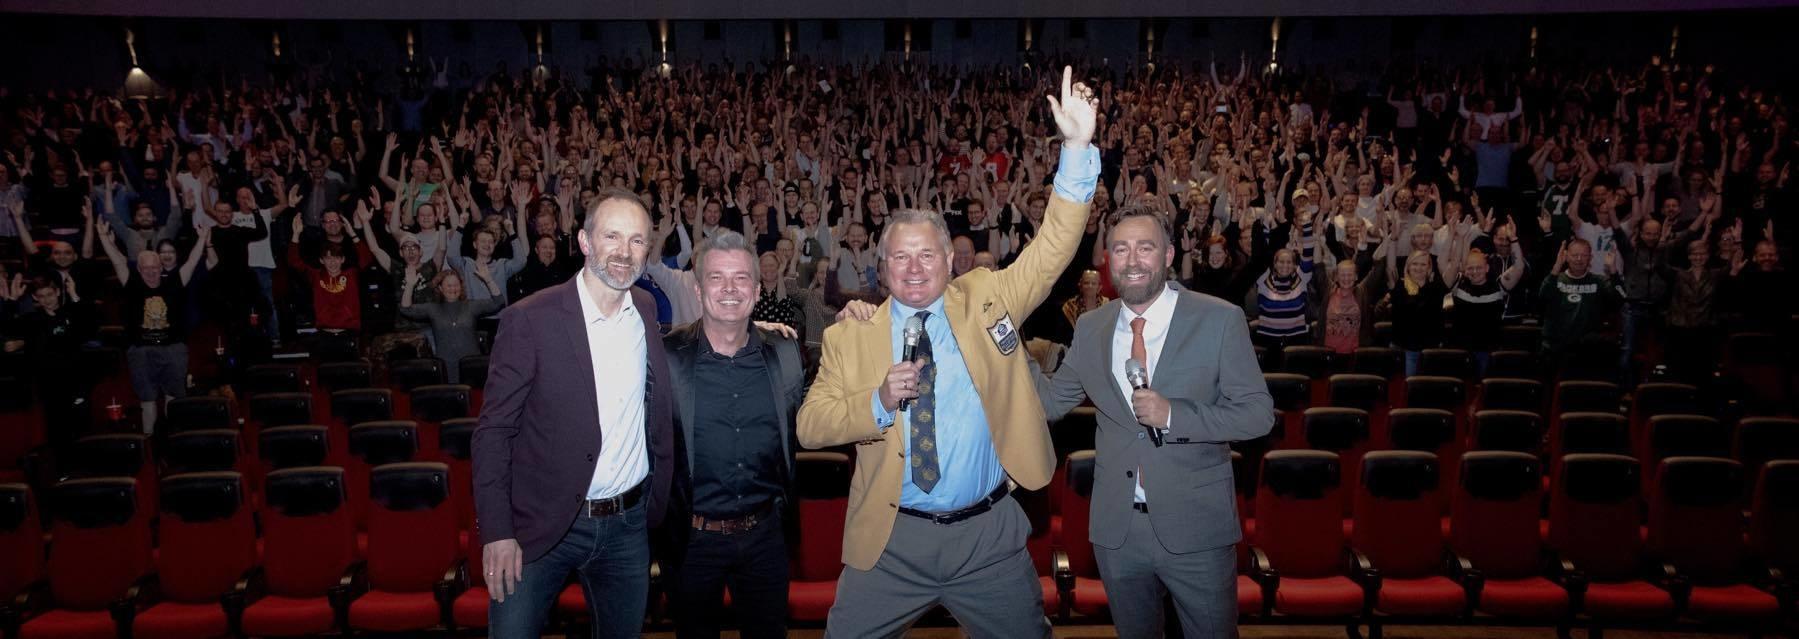 Guldjakken – Fra Struer til Hall of Fame Behind the Scenes